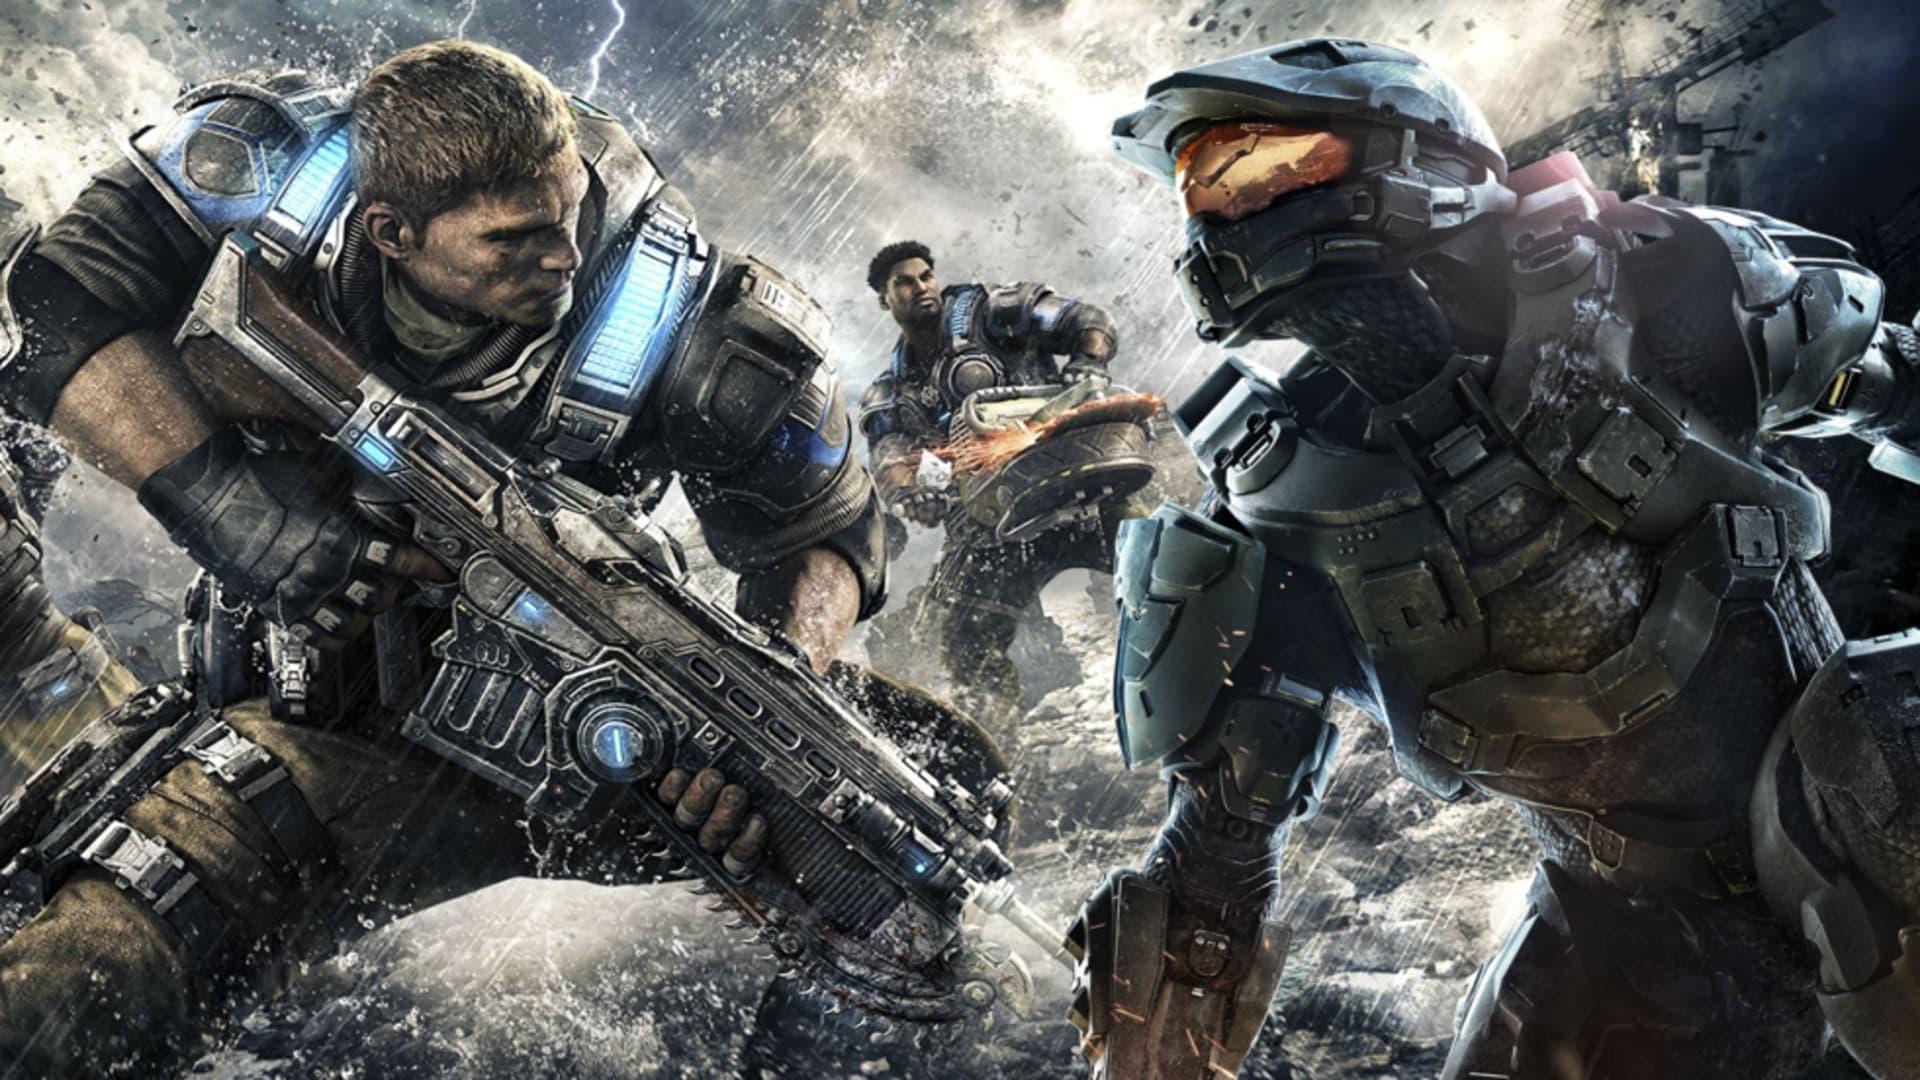 Varken Halo eller Gears of War i år, hälsar Microsoft